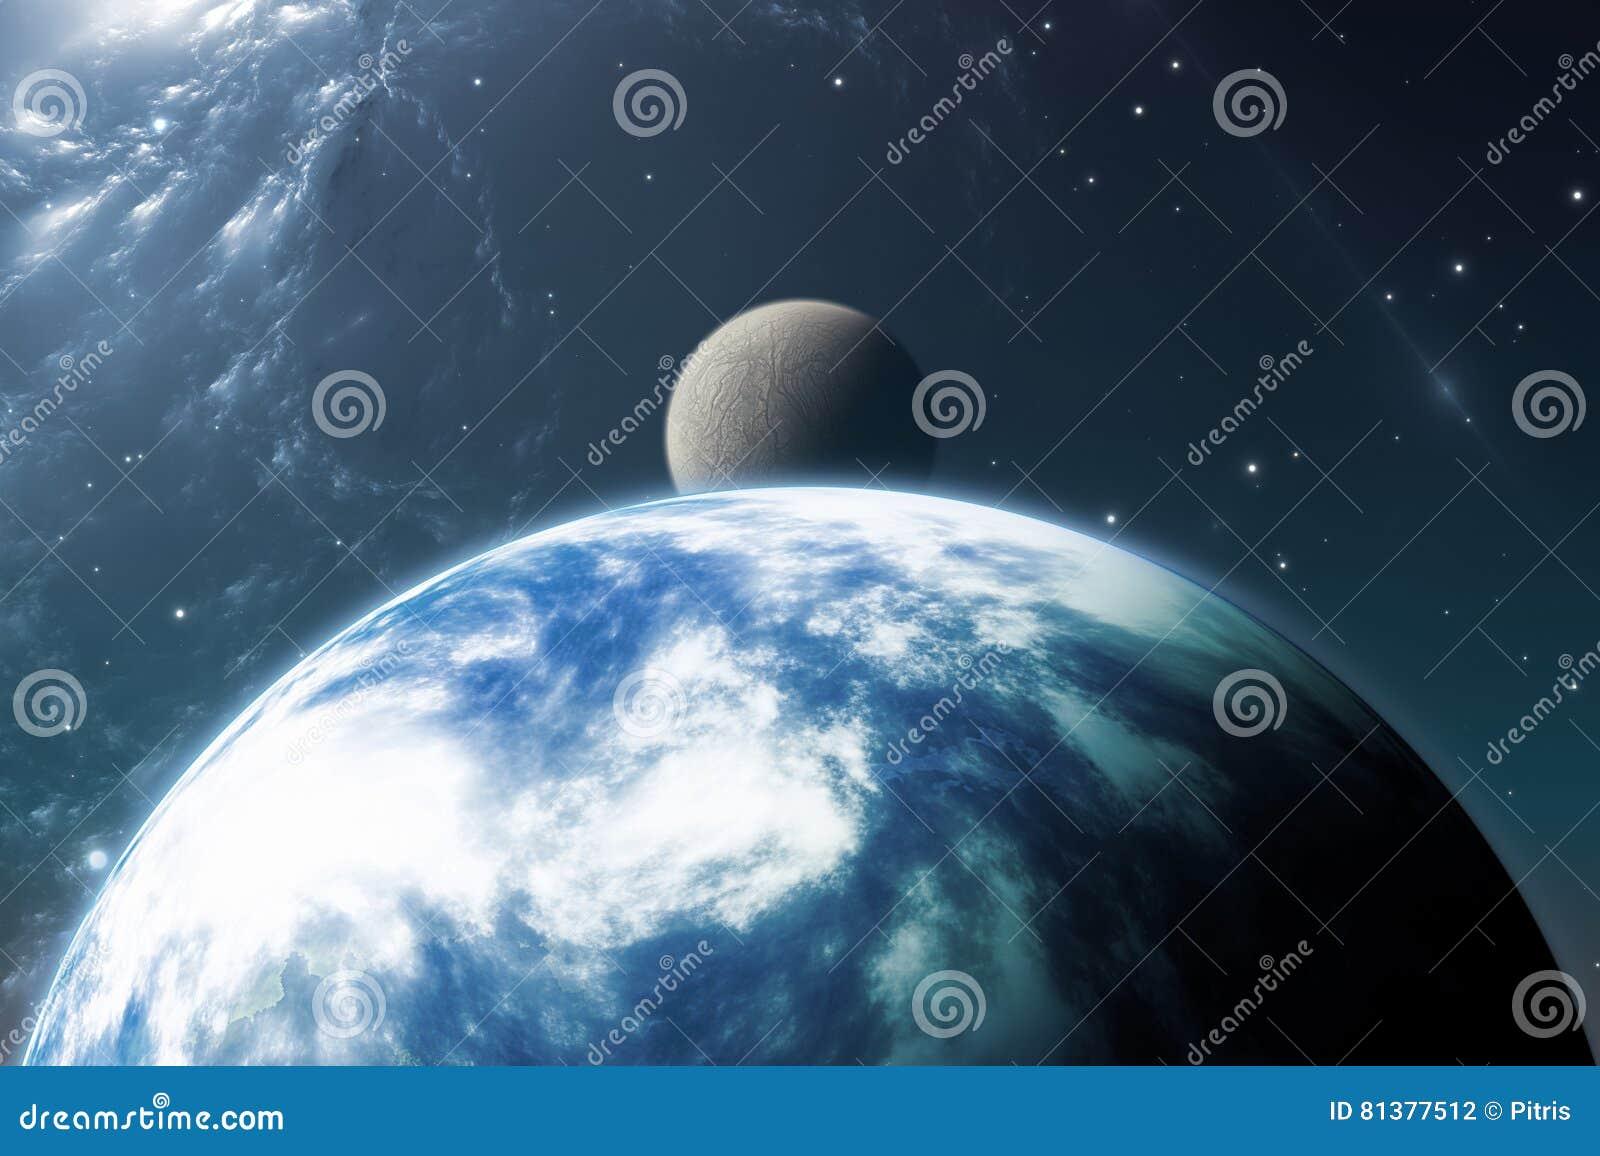 Erde mag Planeten oder Extrasolar Planeten mit Mond